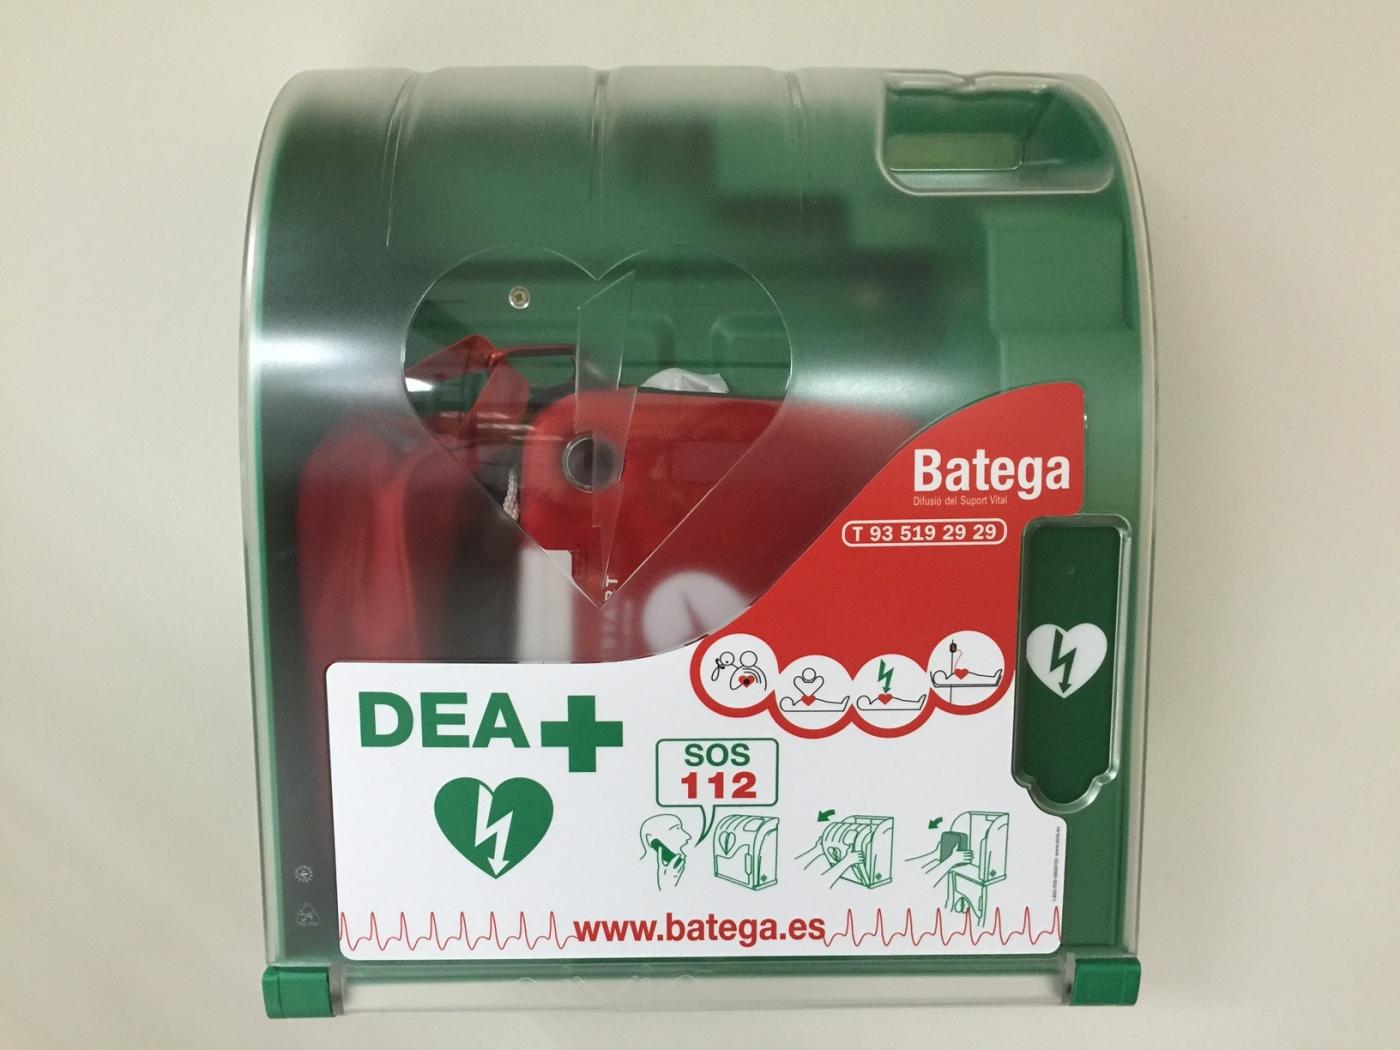 Calaf Grup instal·la un desfibril·lador automàtic a la seva seu central de Calaf